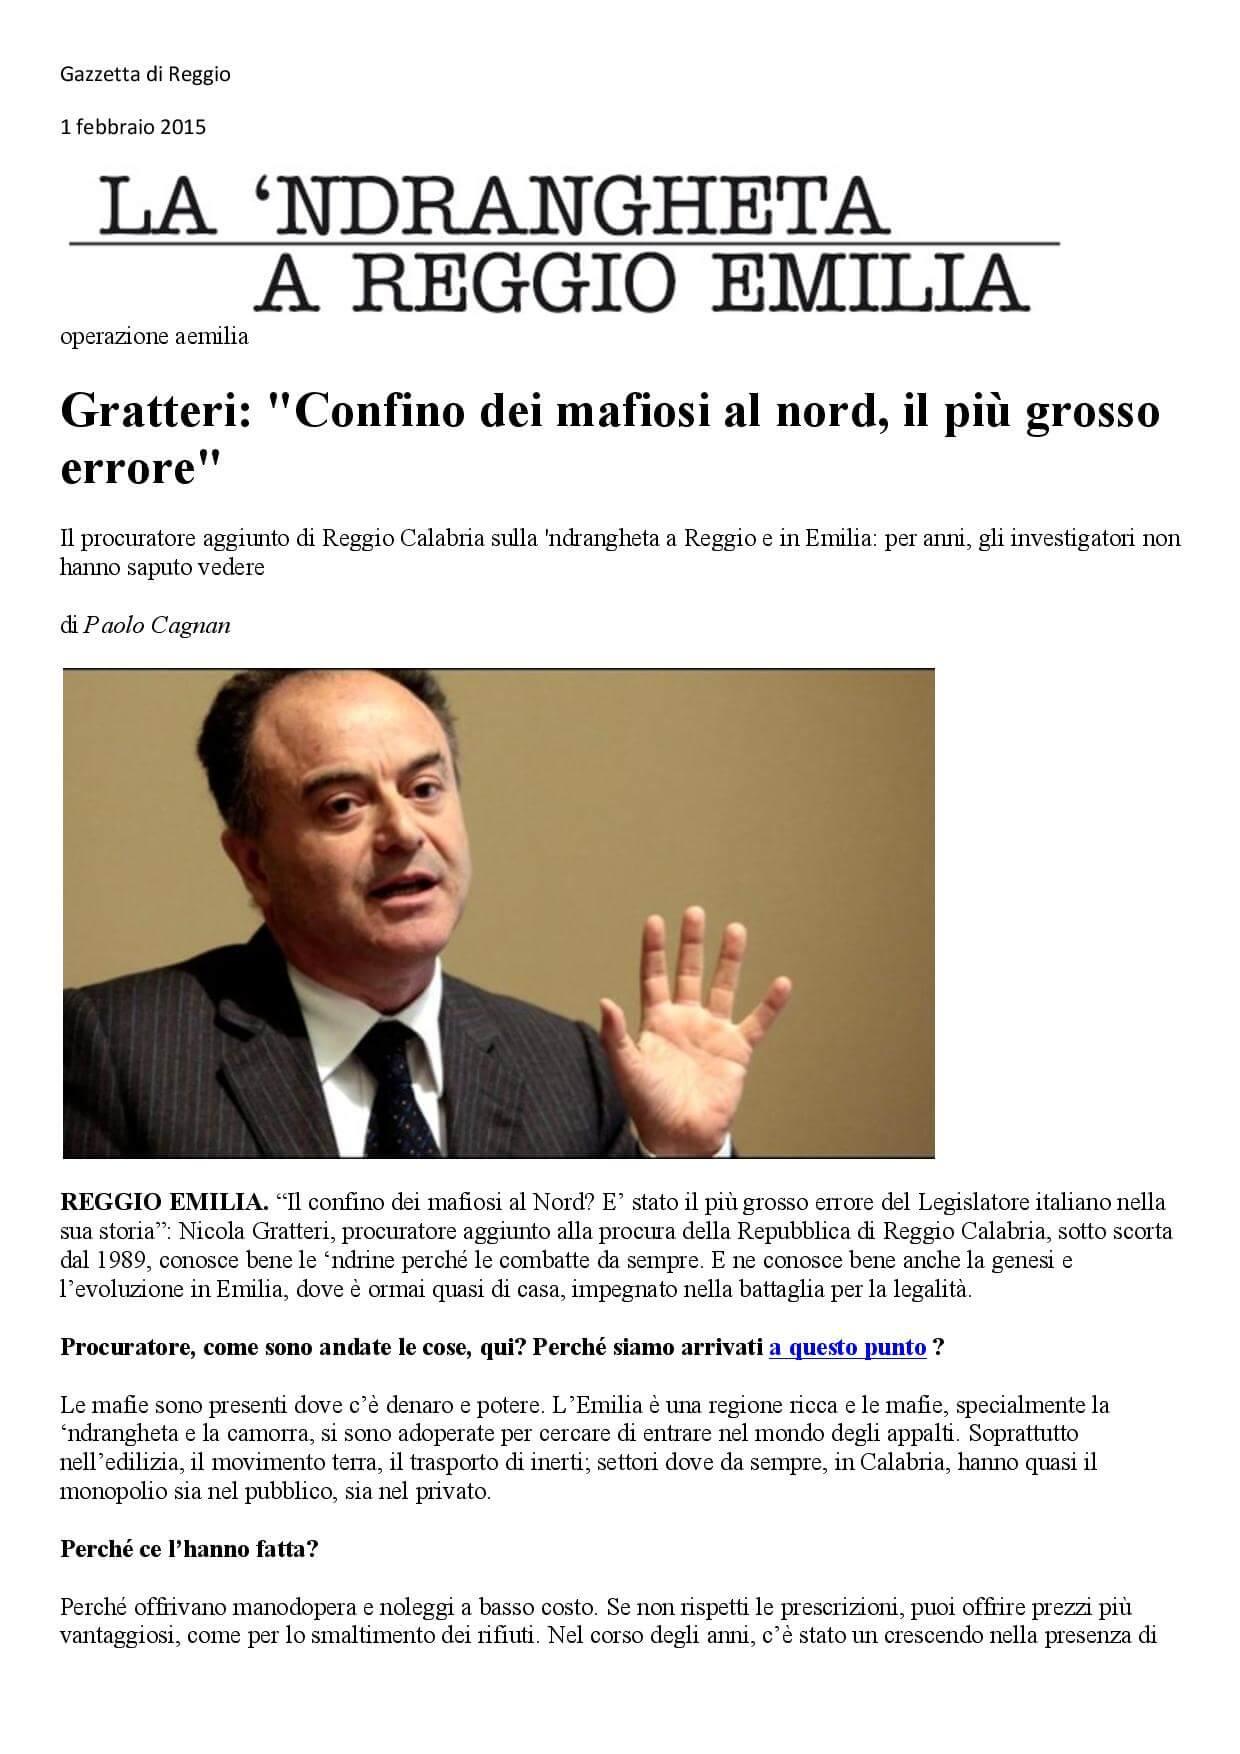 1_2_15_gdr_gratteri-page-001_t